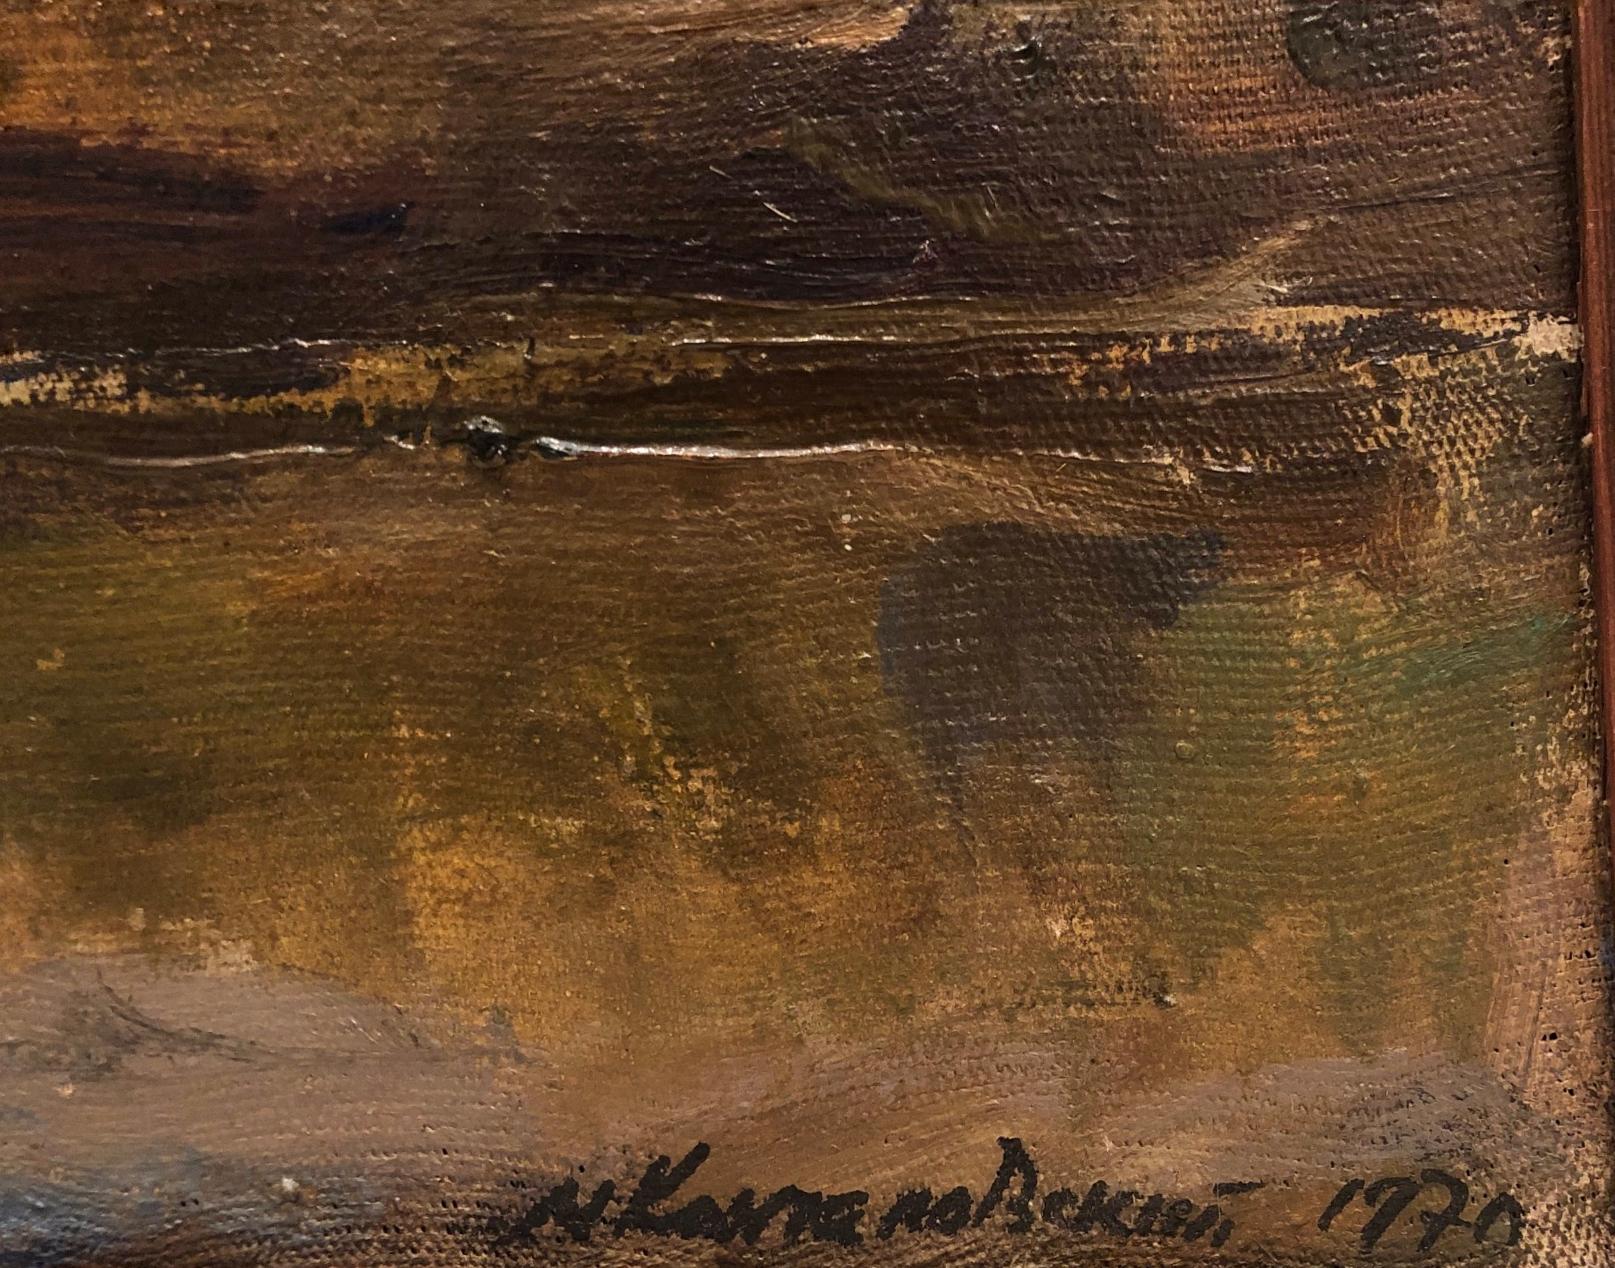 Подпись. Кончаловский Михаил Петрович. Пафнутьев-Боровский монастырь. Тайницкая башня